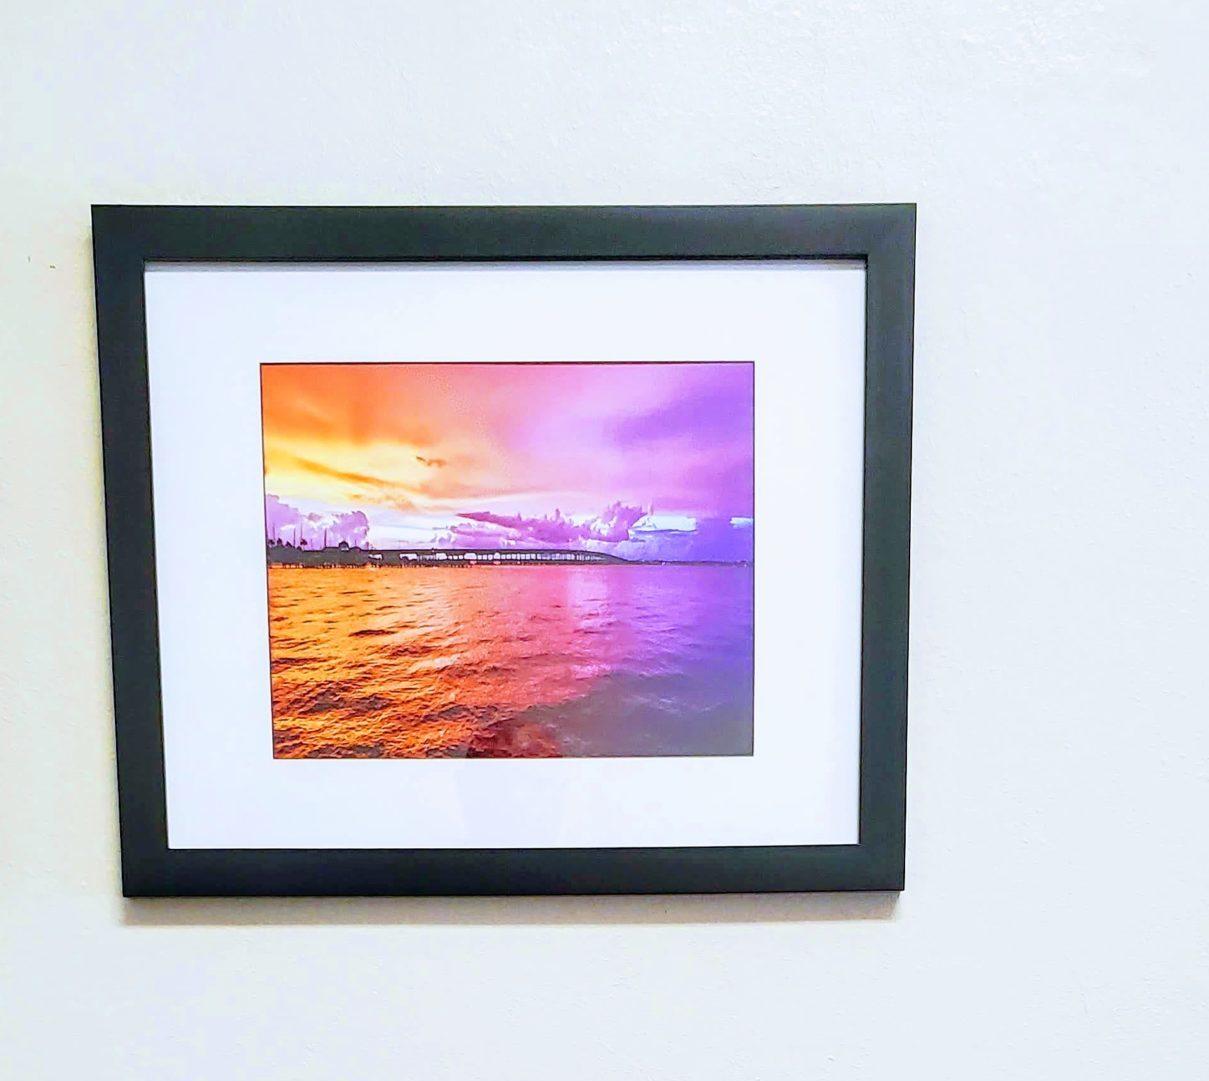 Black frame 20x16